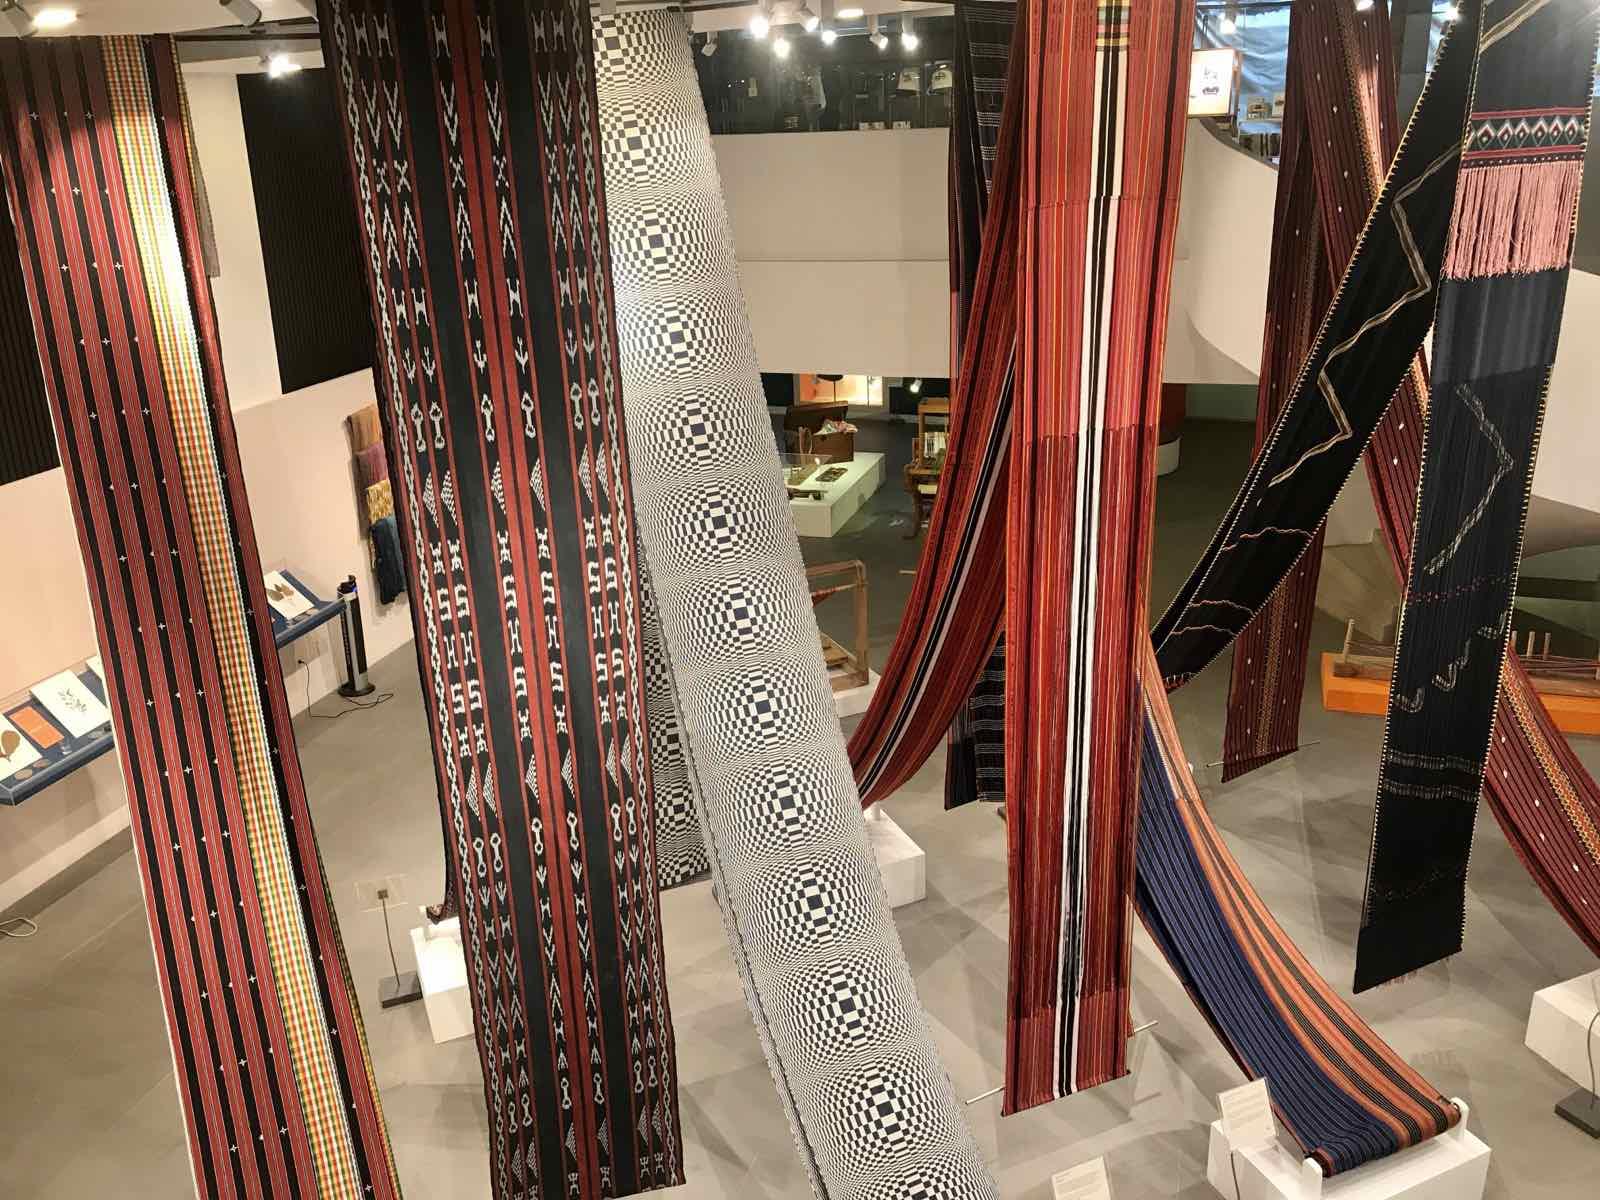 Weaving display at Museo Cordillera